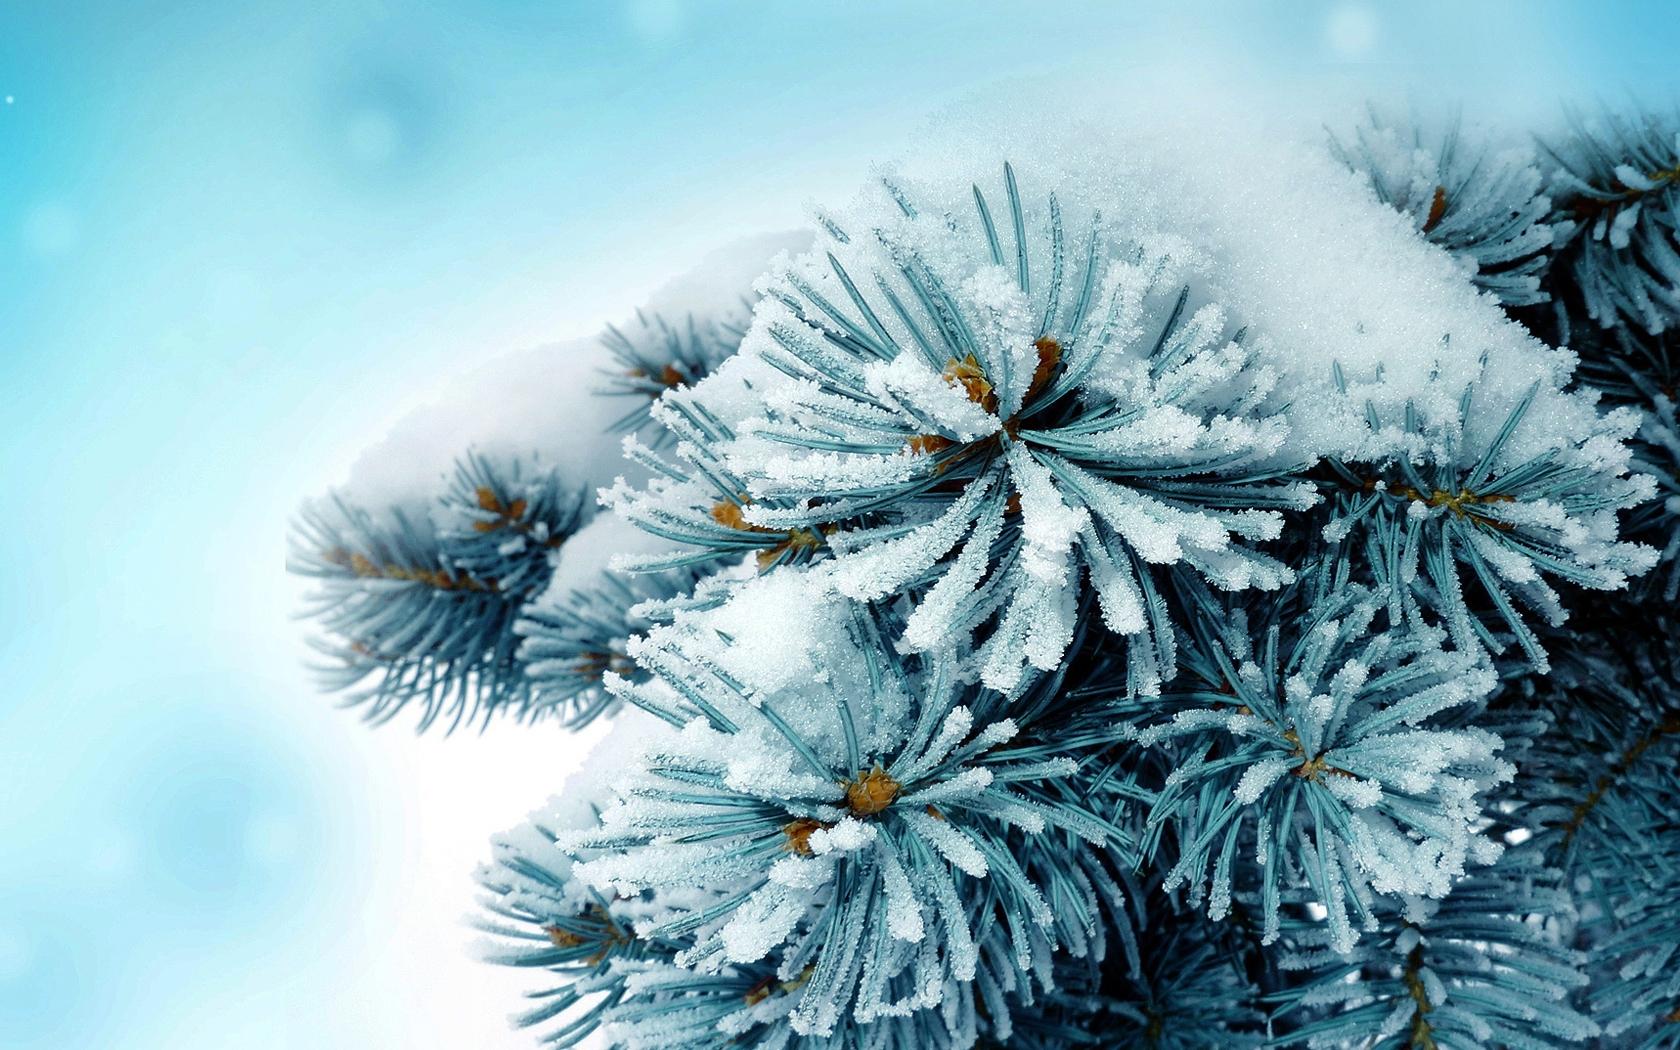 3d Flowers Live Wallpaper Hd Frosty Wallpaper Alaska Hd Desktop Wallpapers 4k Hd